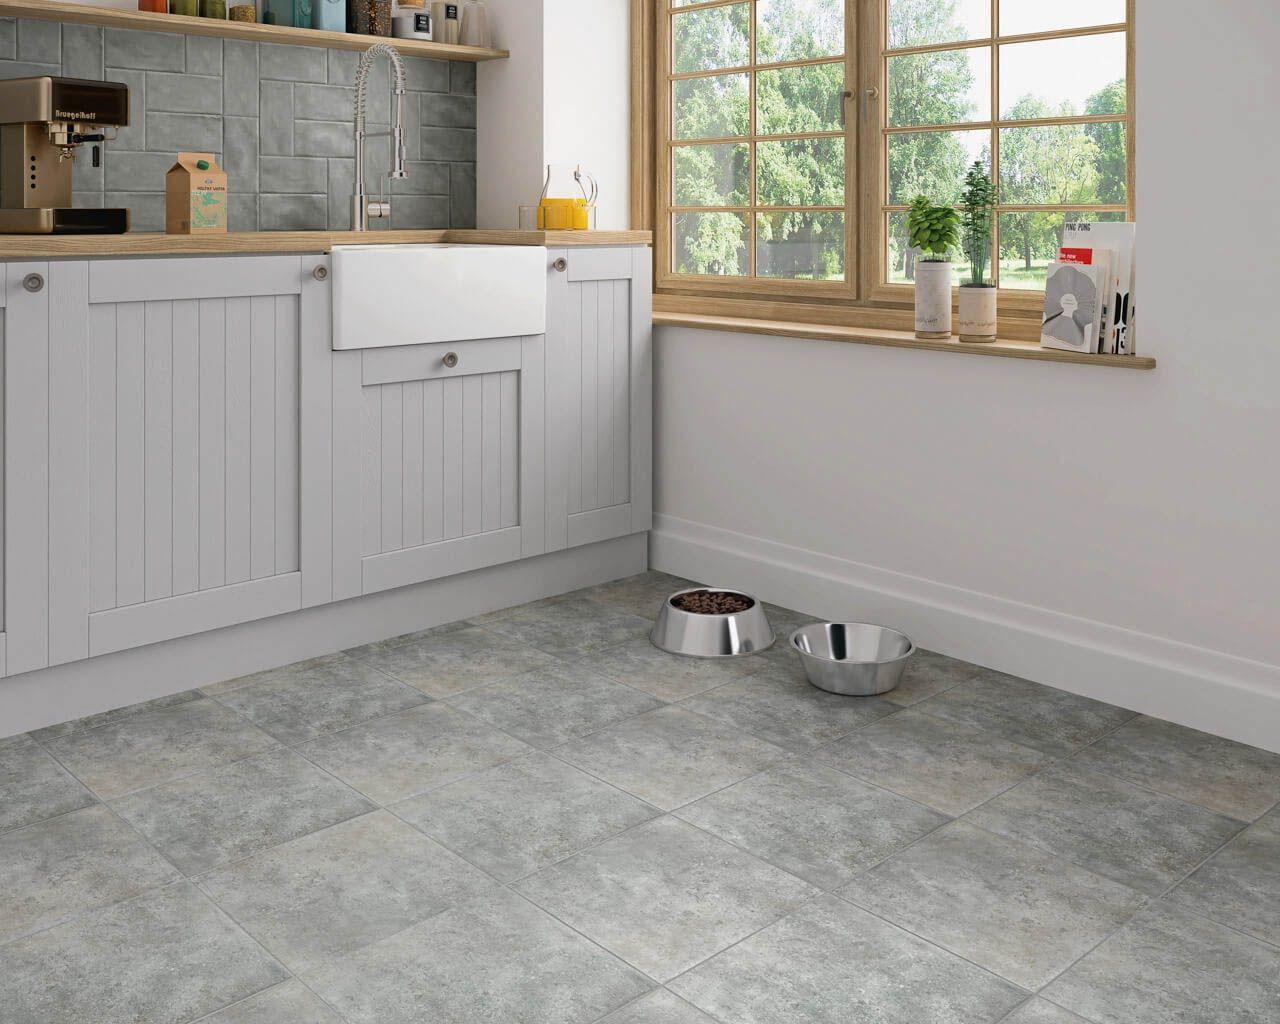 Küche Grauer Fußboden ~ Grauer fußboden in einer minimalistischen küche ceramika paradyz